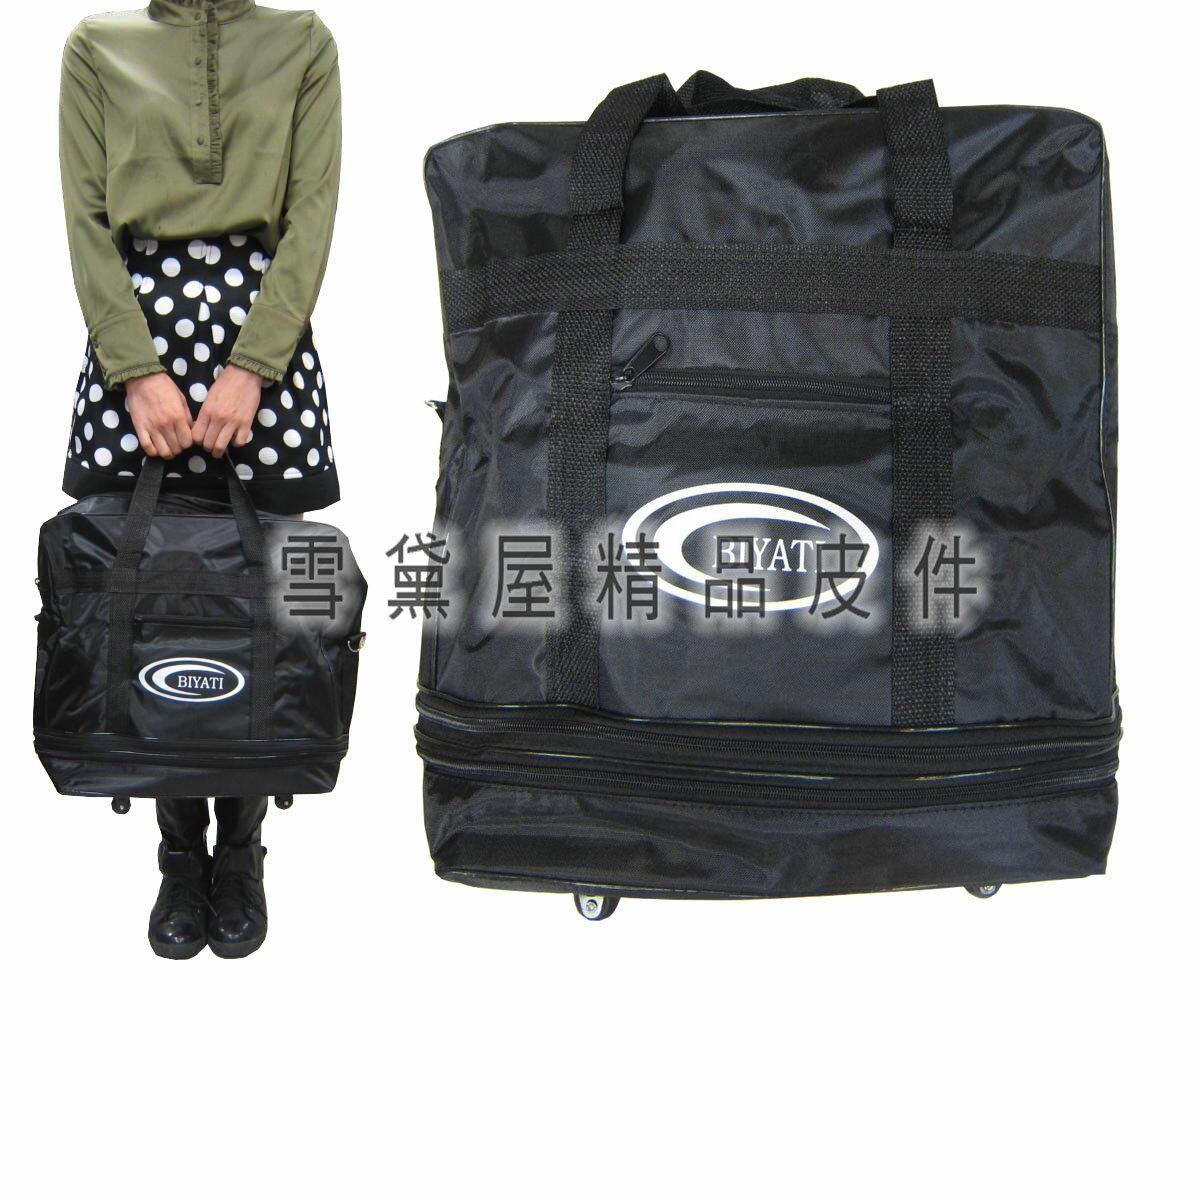 ~雪黛屋~BIYATI 旅行輪袋中容量底部可加大二層 防水尼龍布短程輕旅行可手提摺疊收納旅